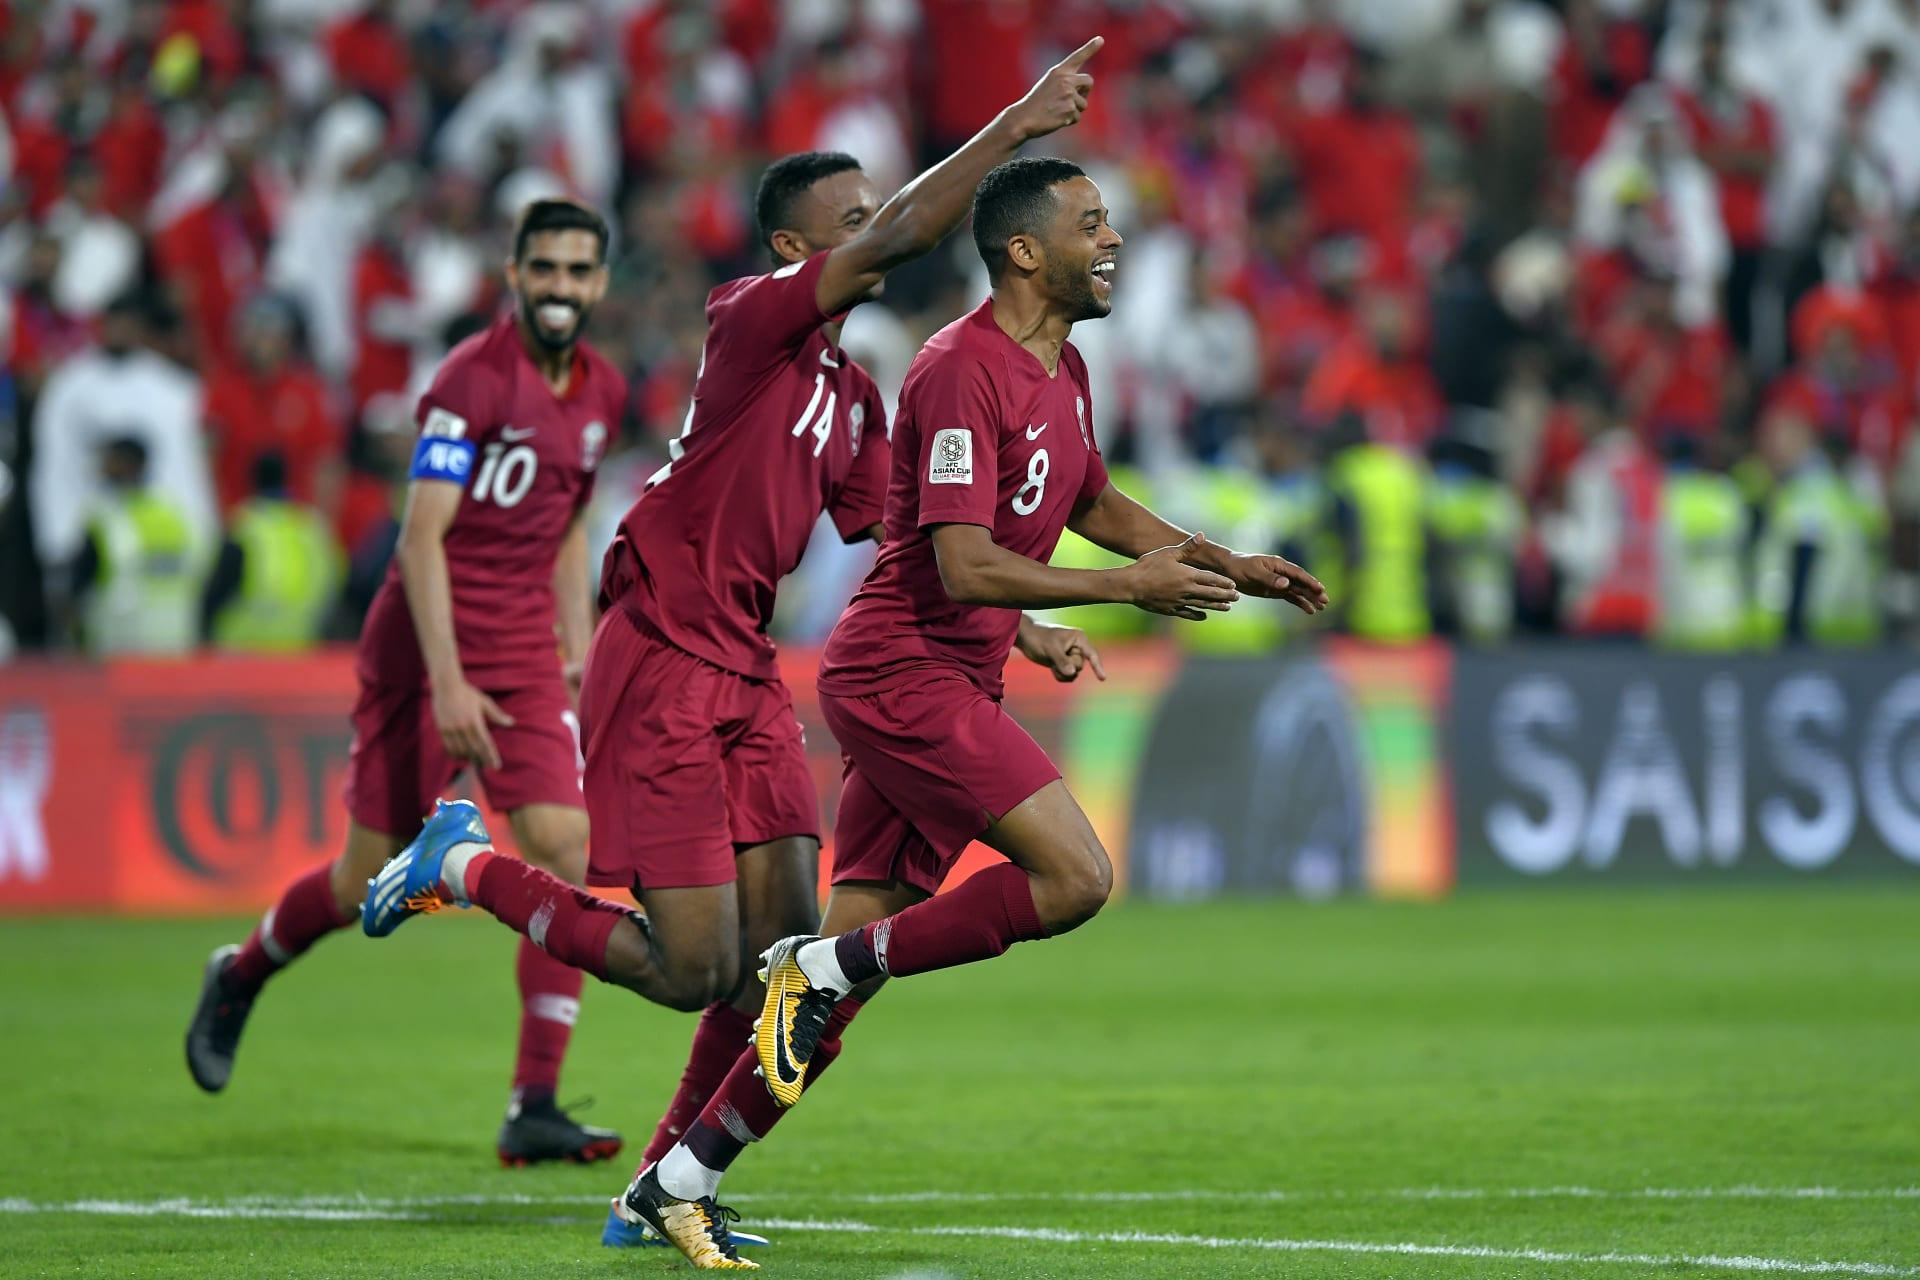 قطر تفوز على الإمارات وتواجه اليابان في نهائي كأس آسيا